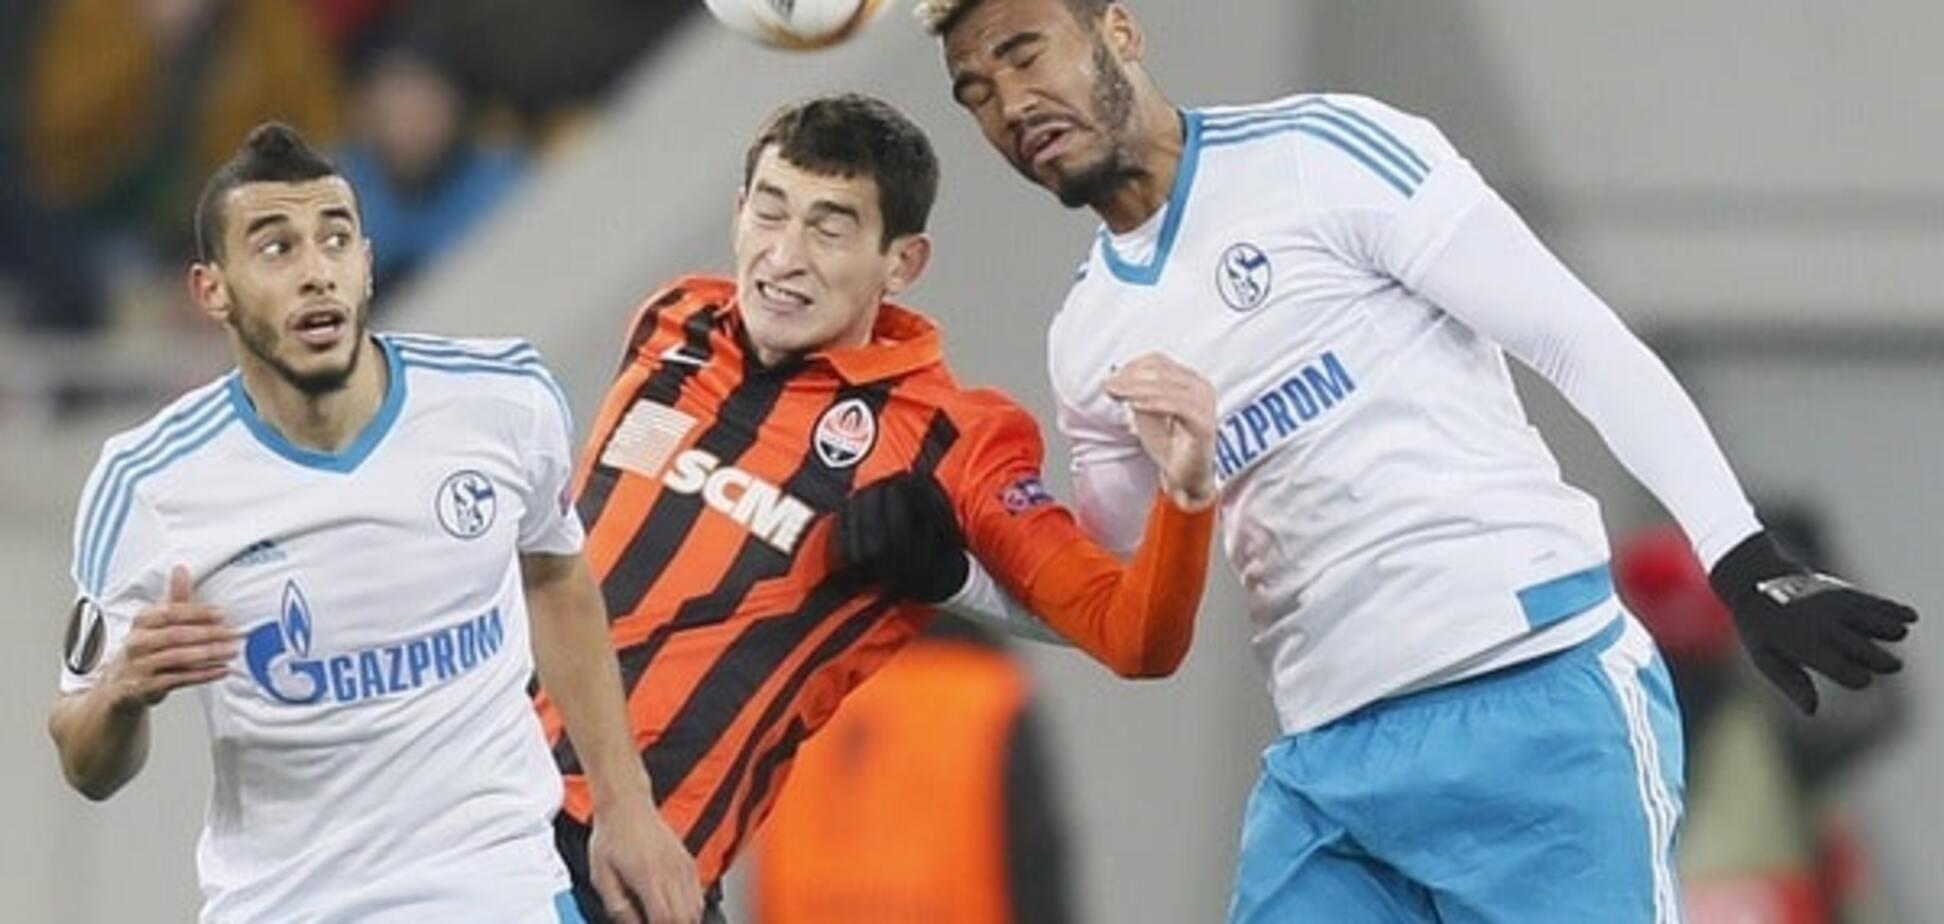 Німецькі футболісти не змогли забити 'Шахтарю' після незвичайного удару: відео моменту